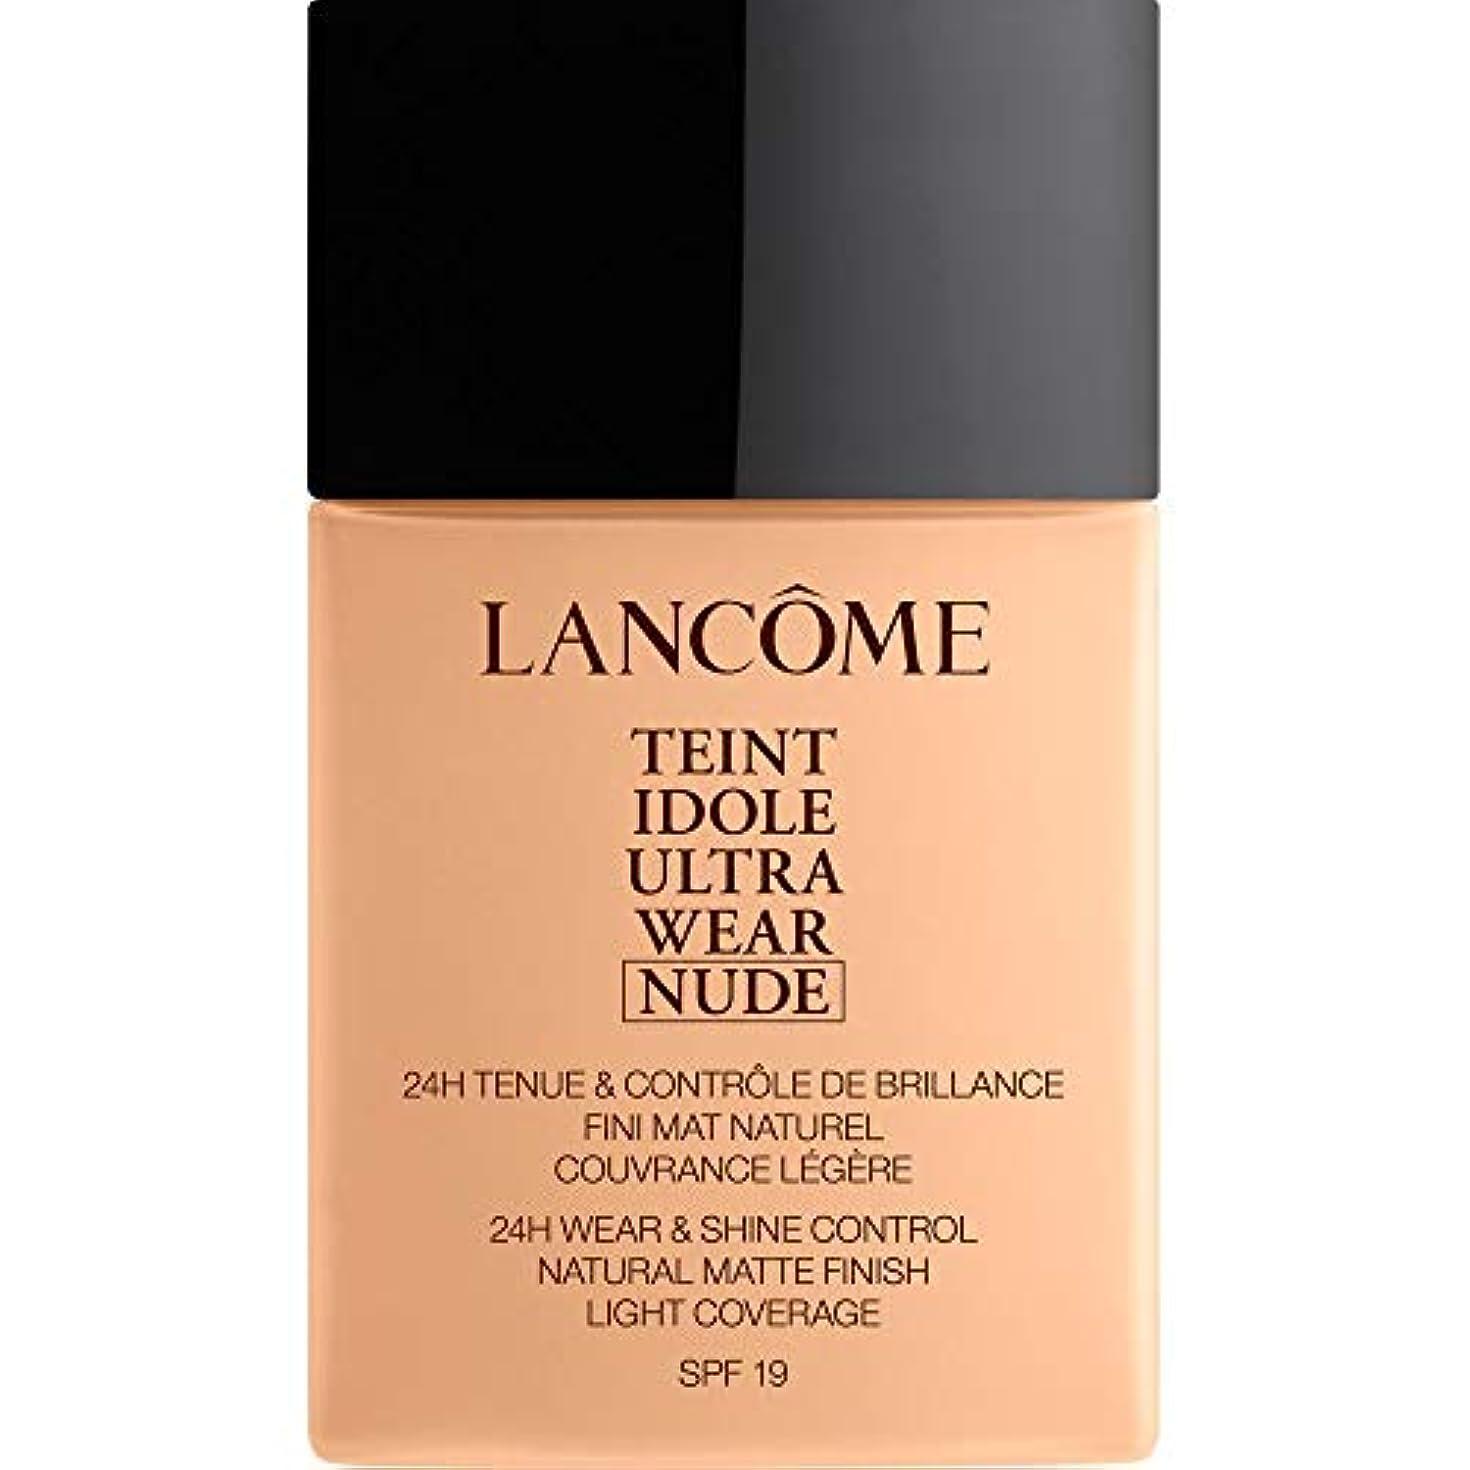 それ定義するラウズ[Lanc?me ] ランコムTeintのIdole超摩耗ヌード財団Spf19の40ミリリットル025 - ベージュLin - Lancome Teint Idole Ultra Wear Nude Foundation...